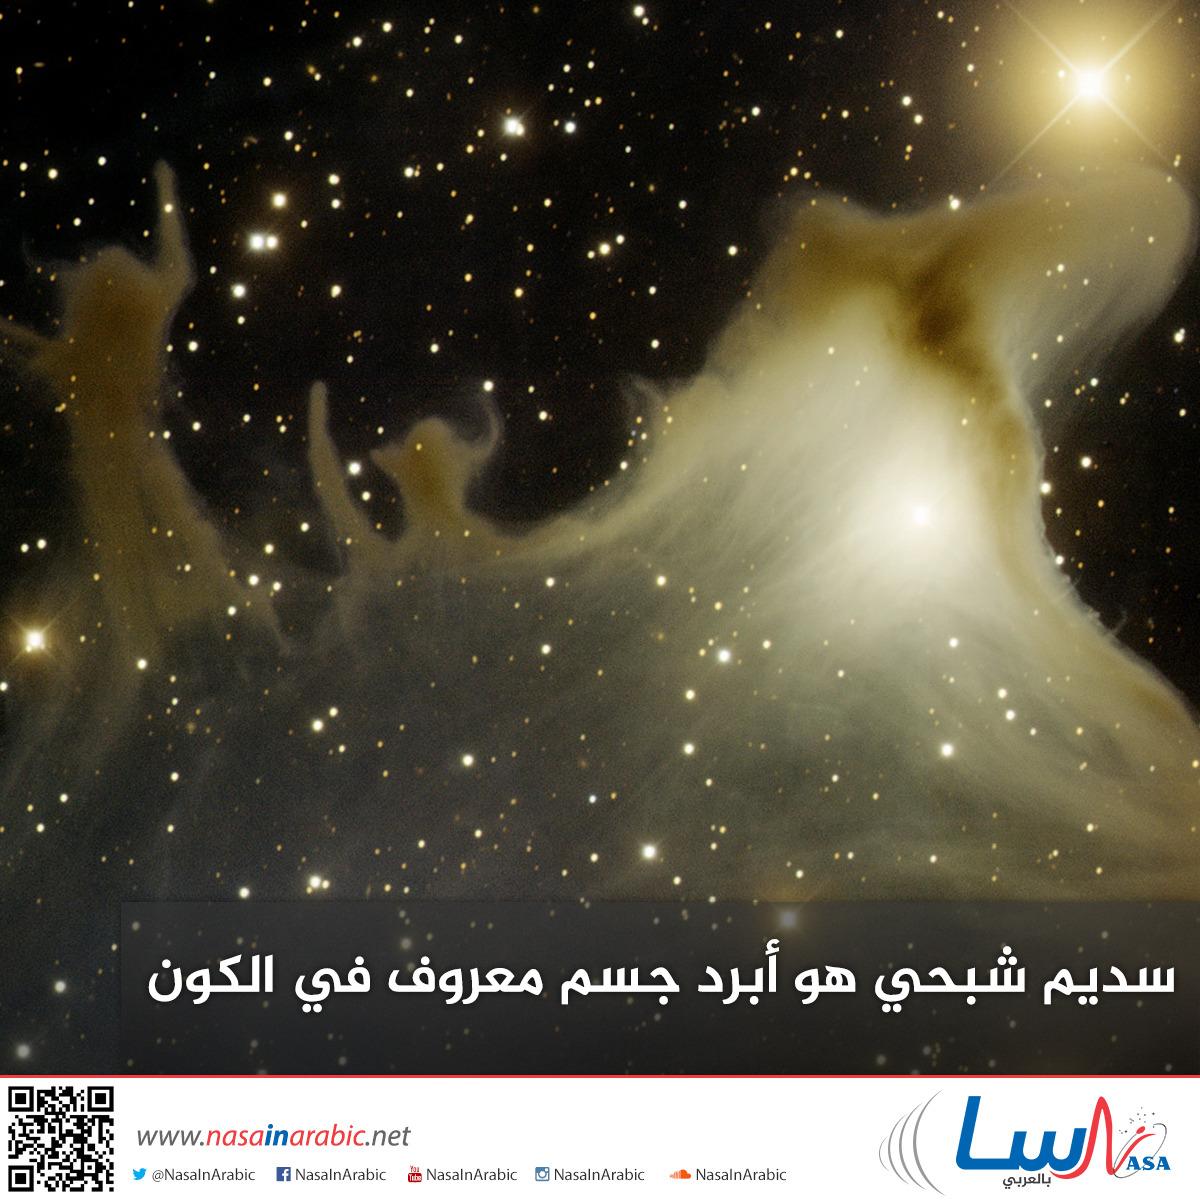 سديم شبحي هو أبرد جسم معروف في الكون